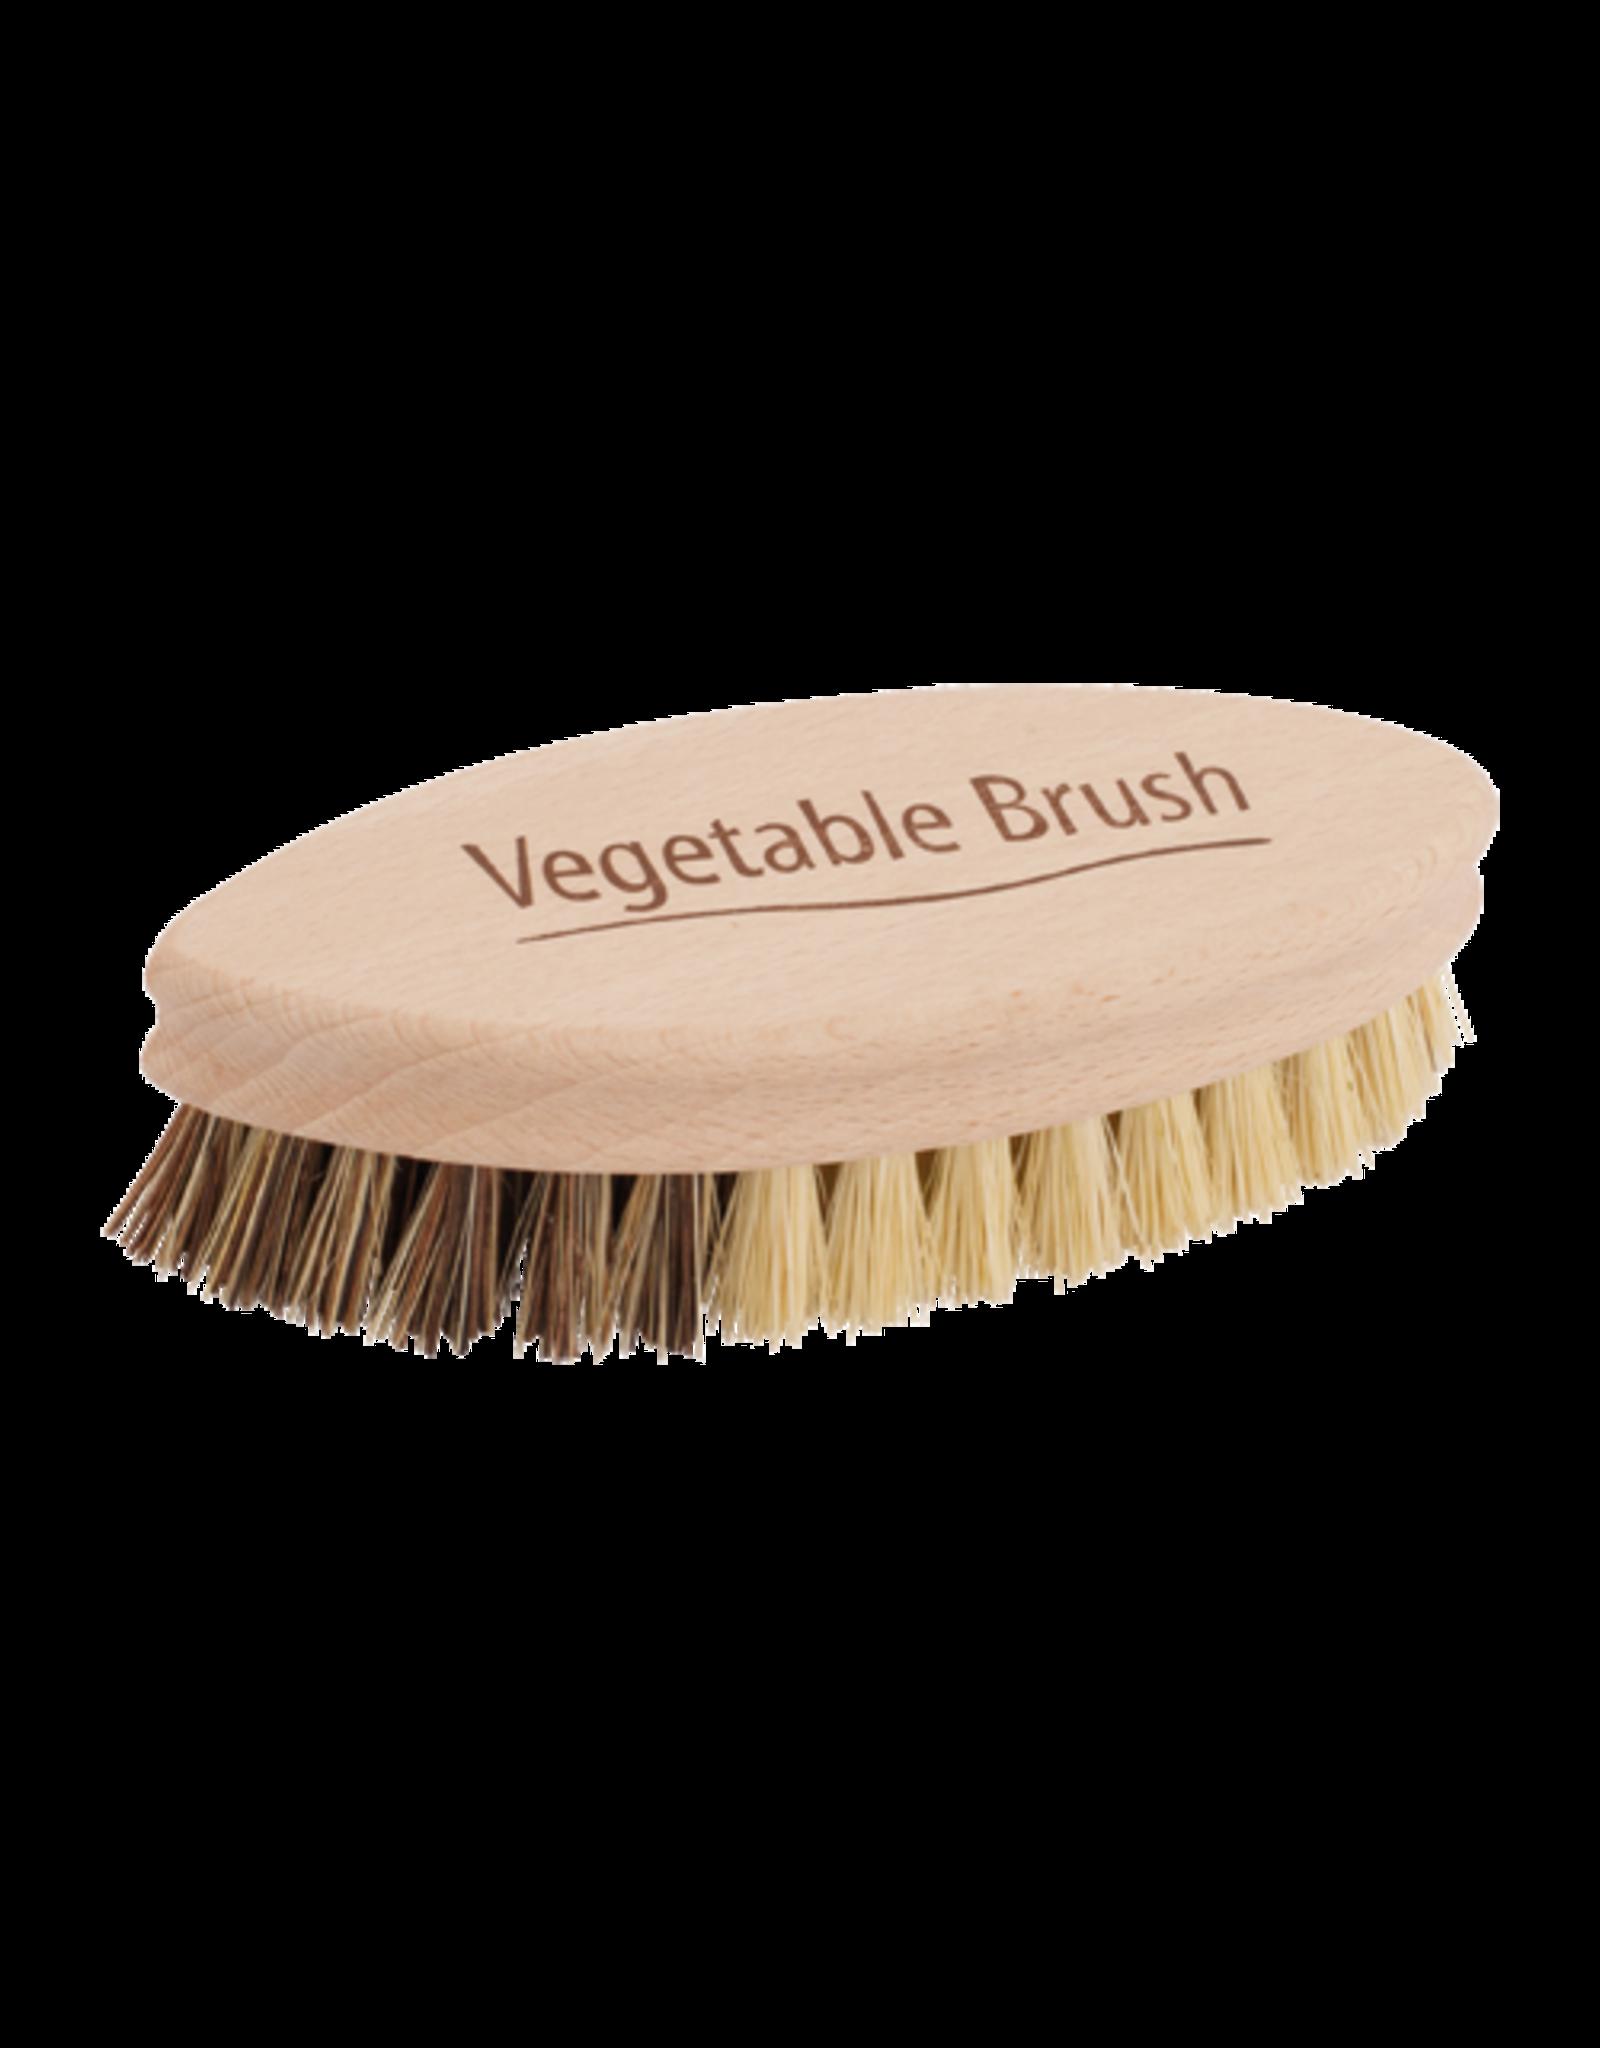 Redecker Vegetable Brush by Redecker